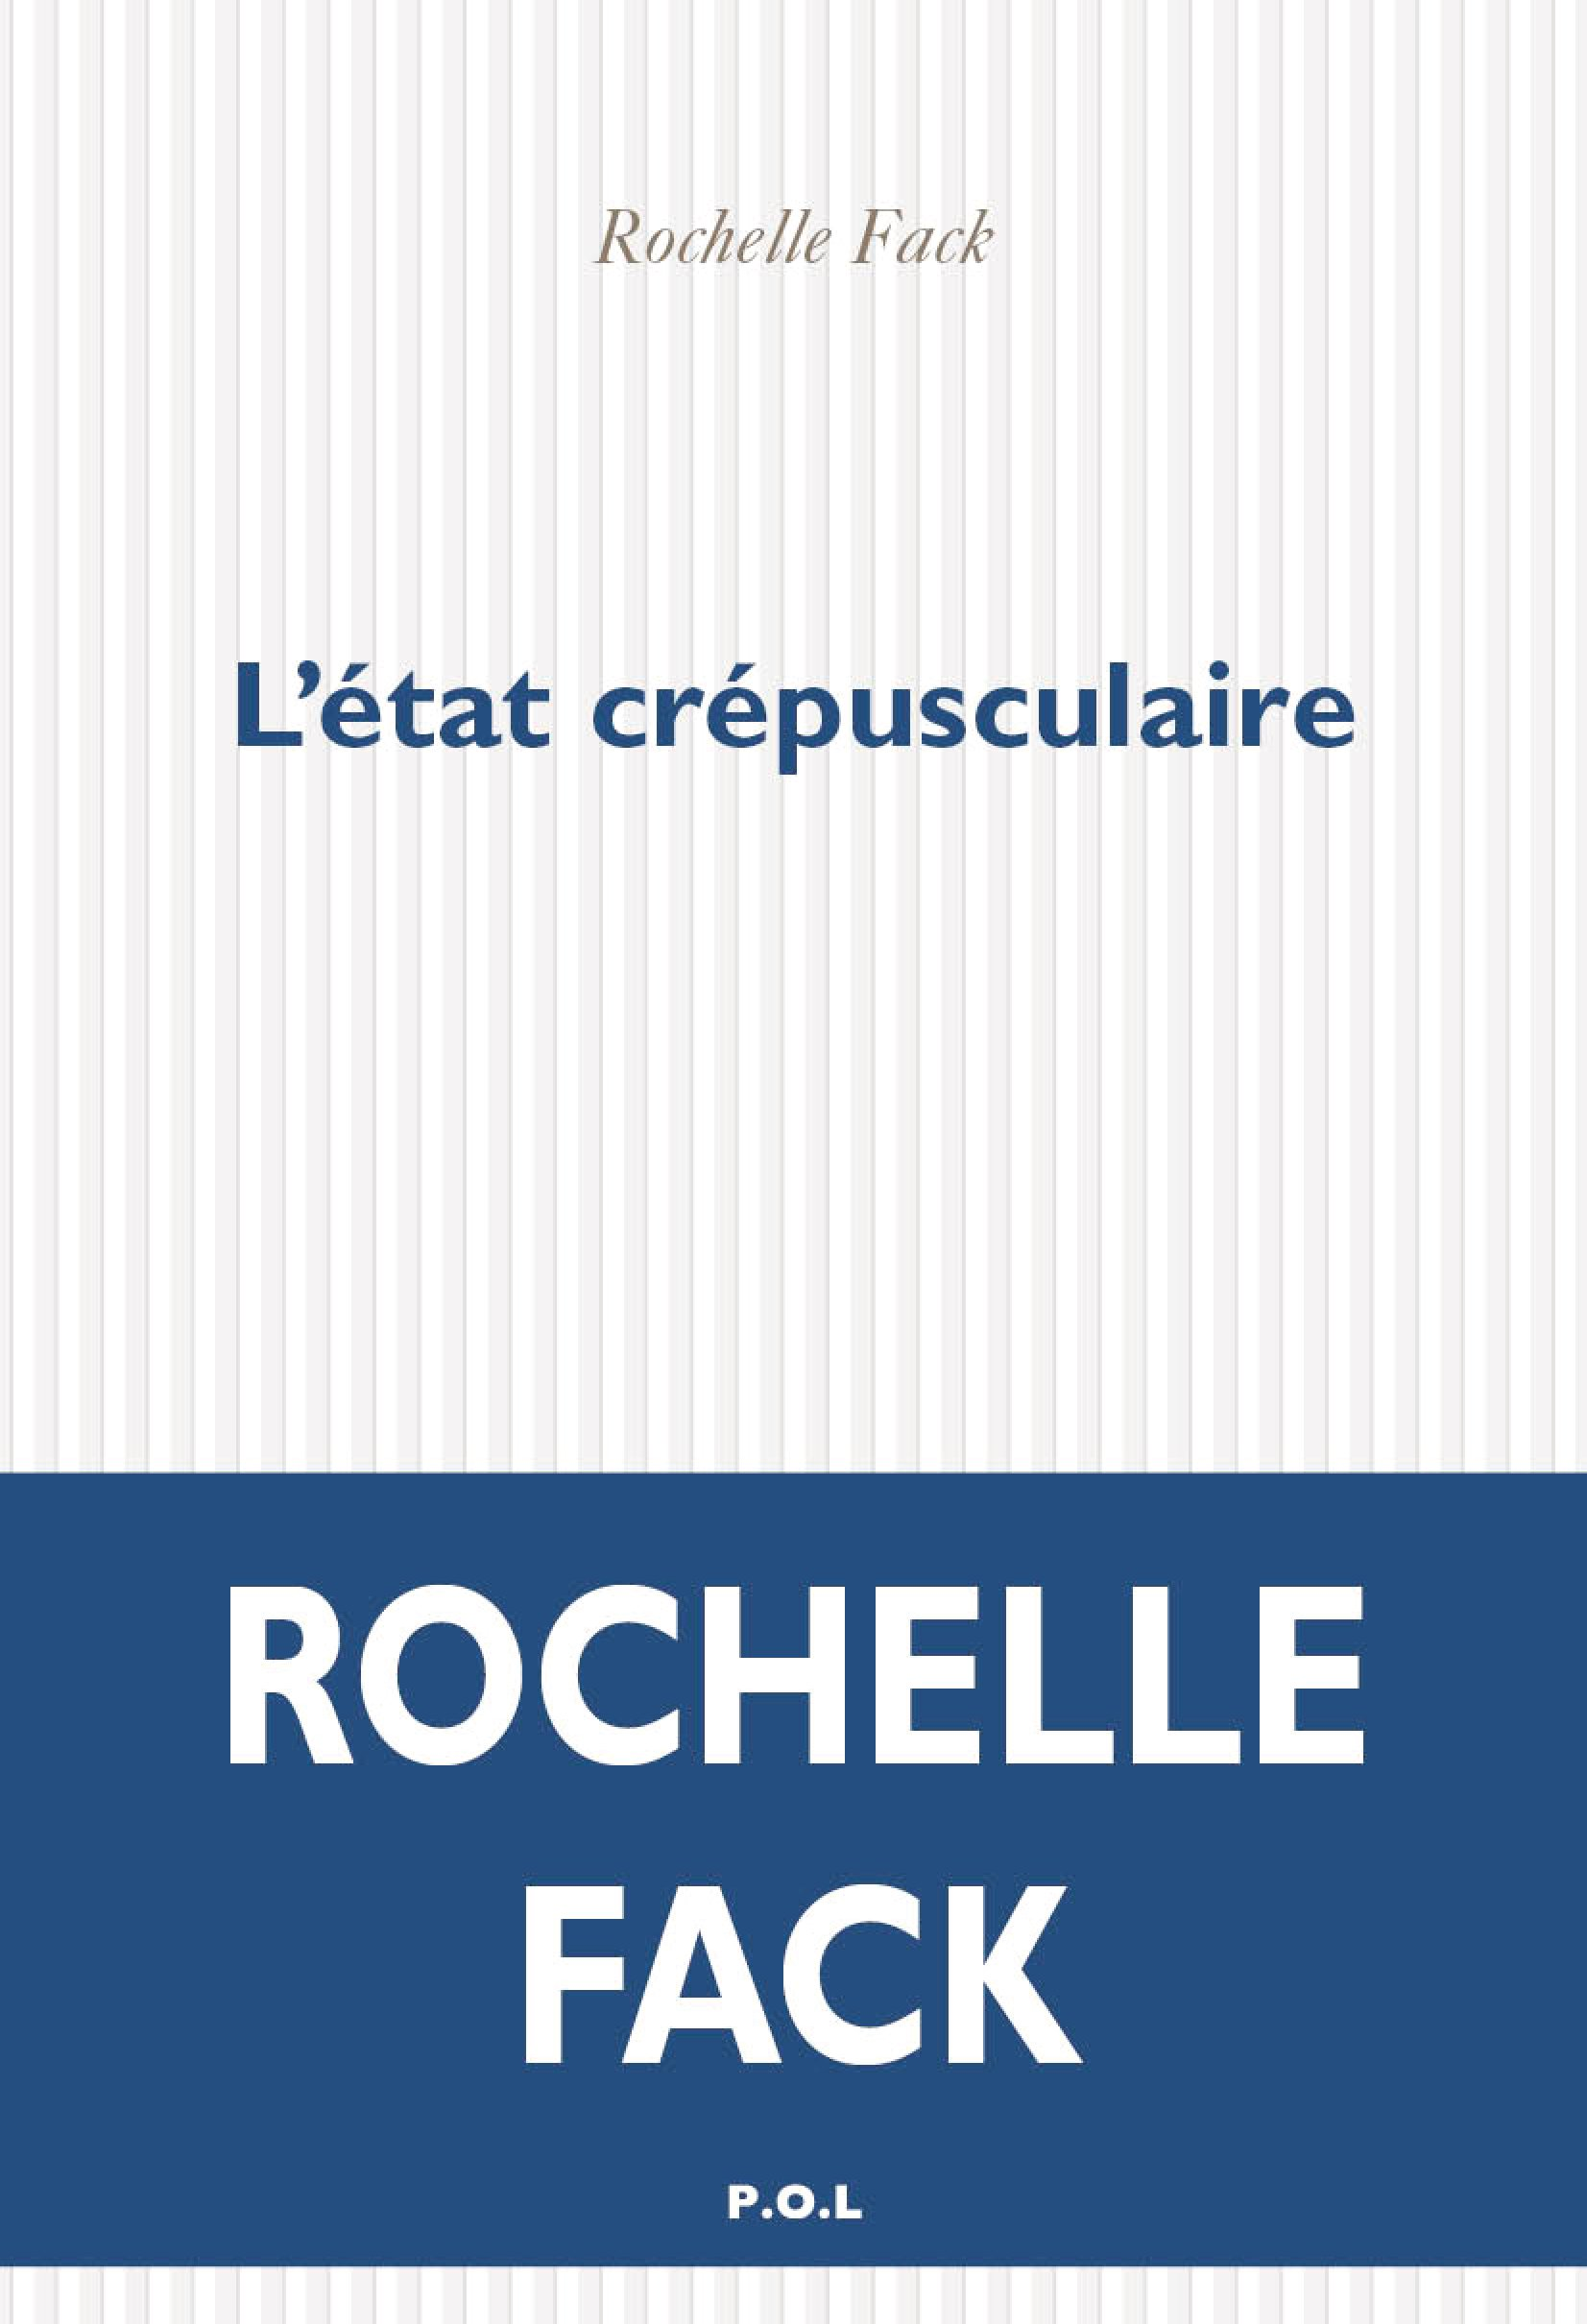 L'état crépusculaire | Fack, Rochelle